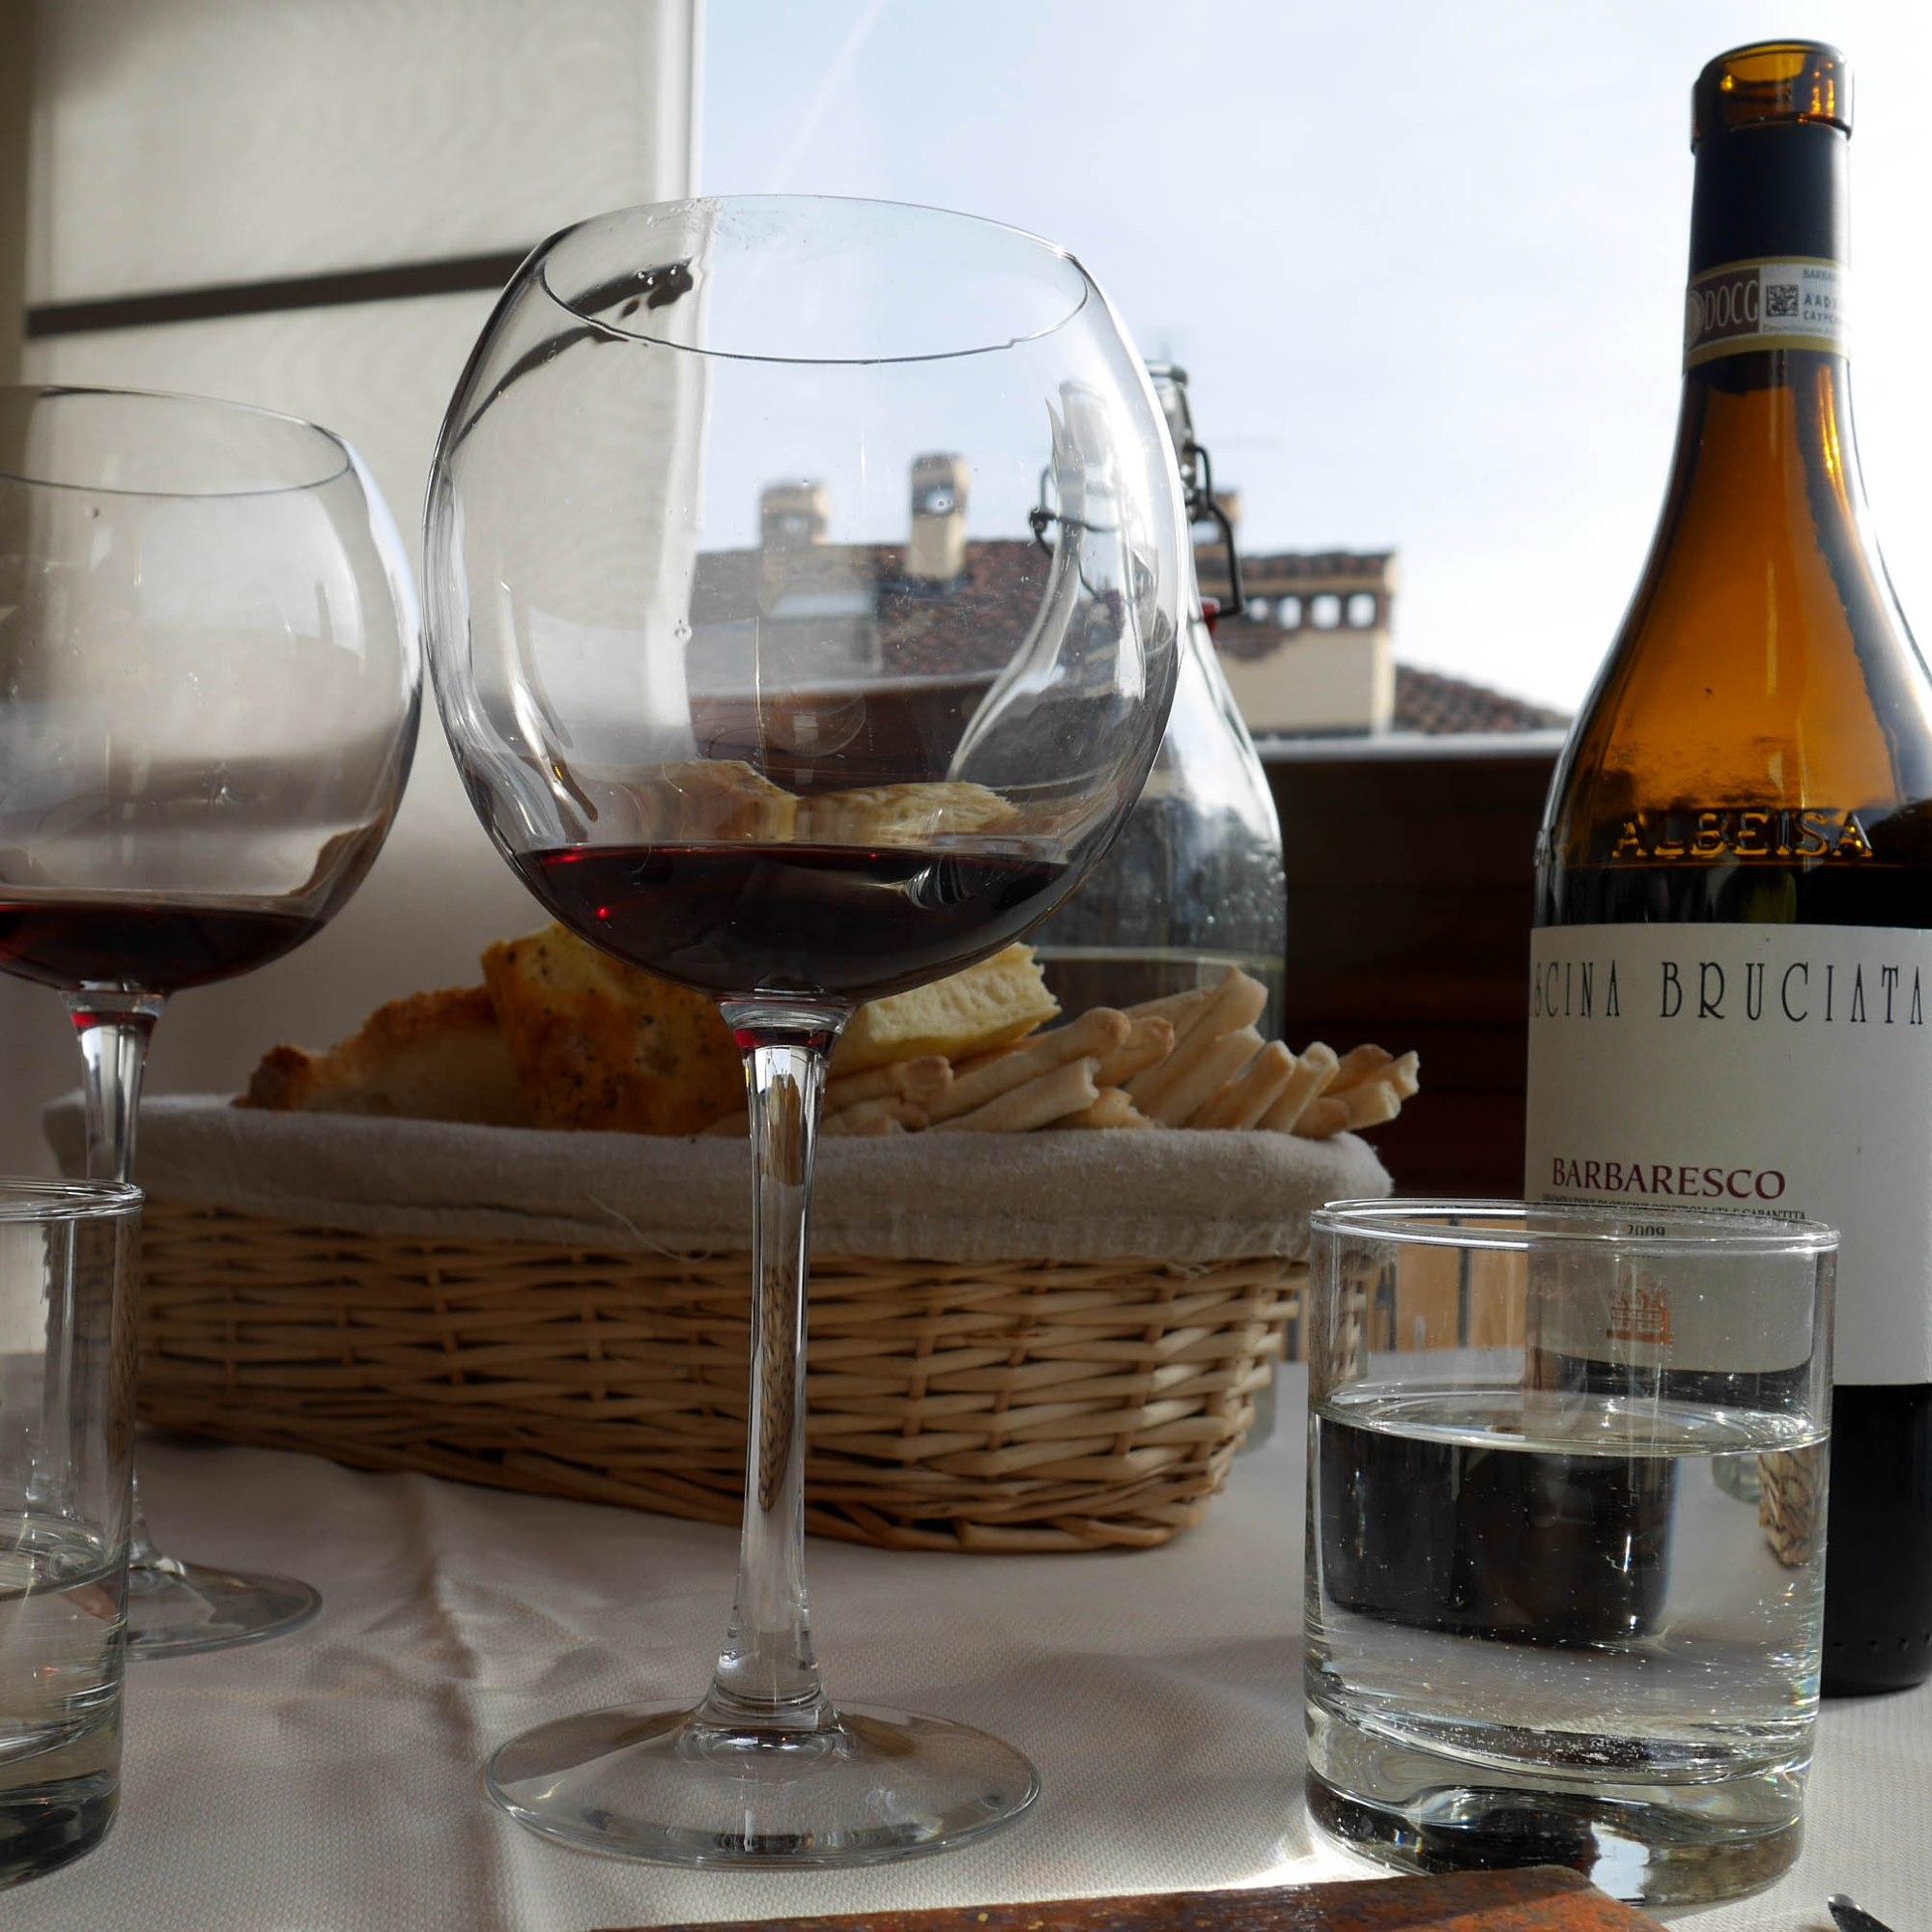 Barbaresco wine